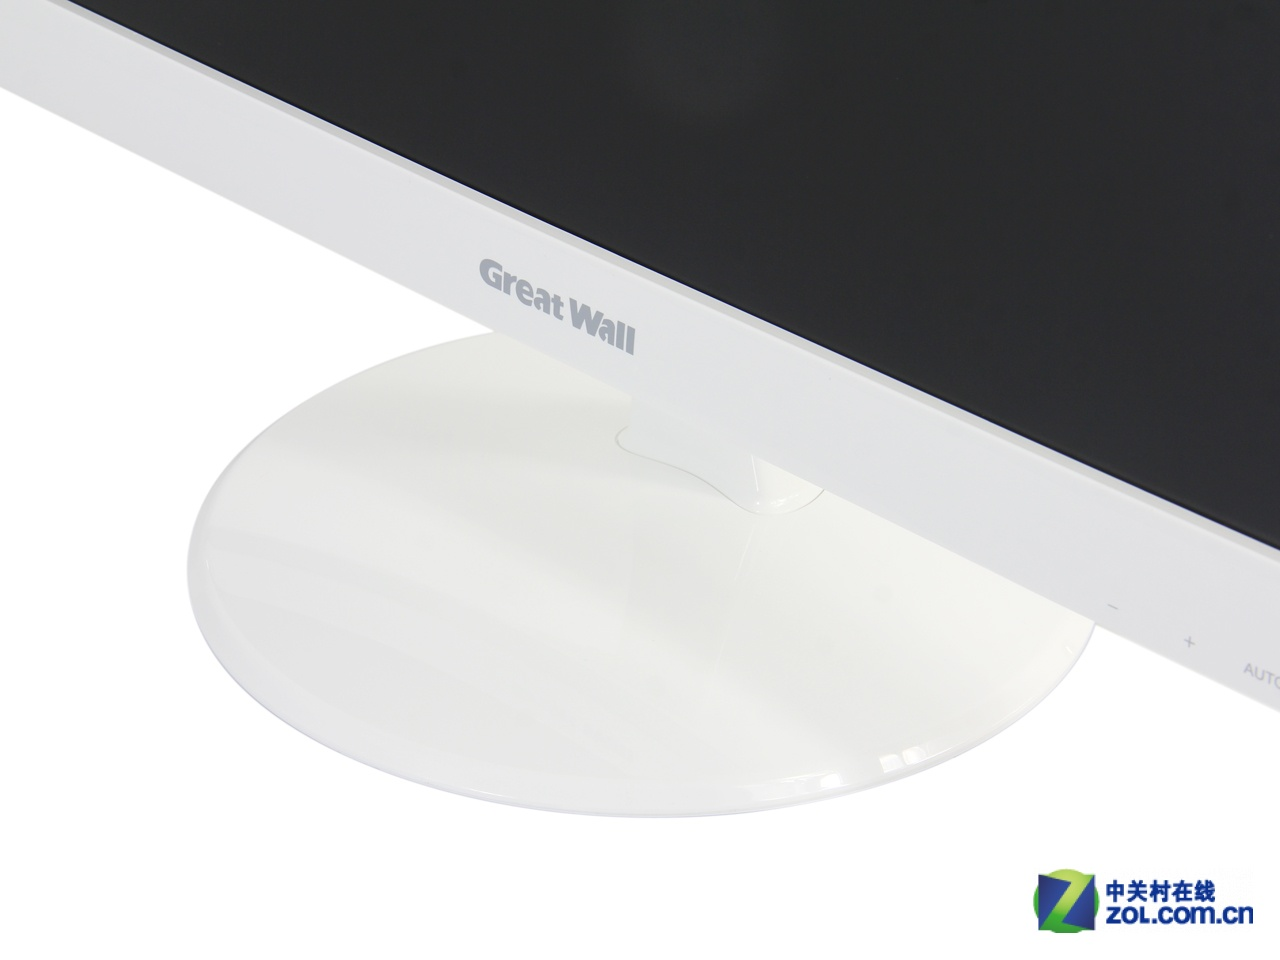 【图】广视角面板+led